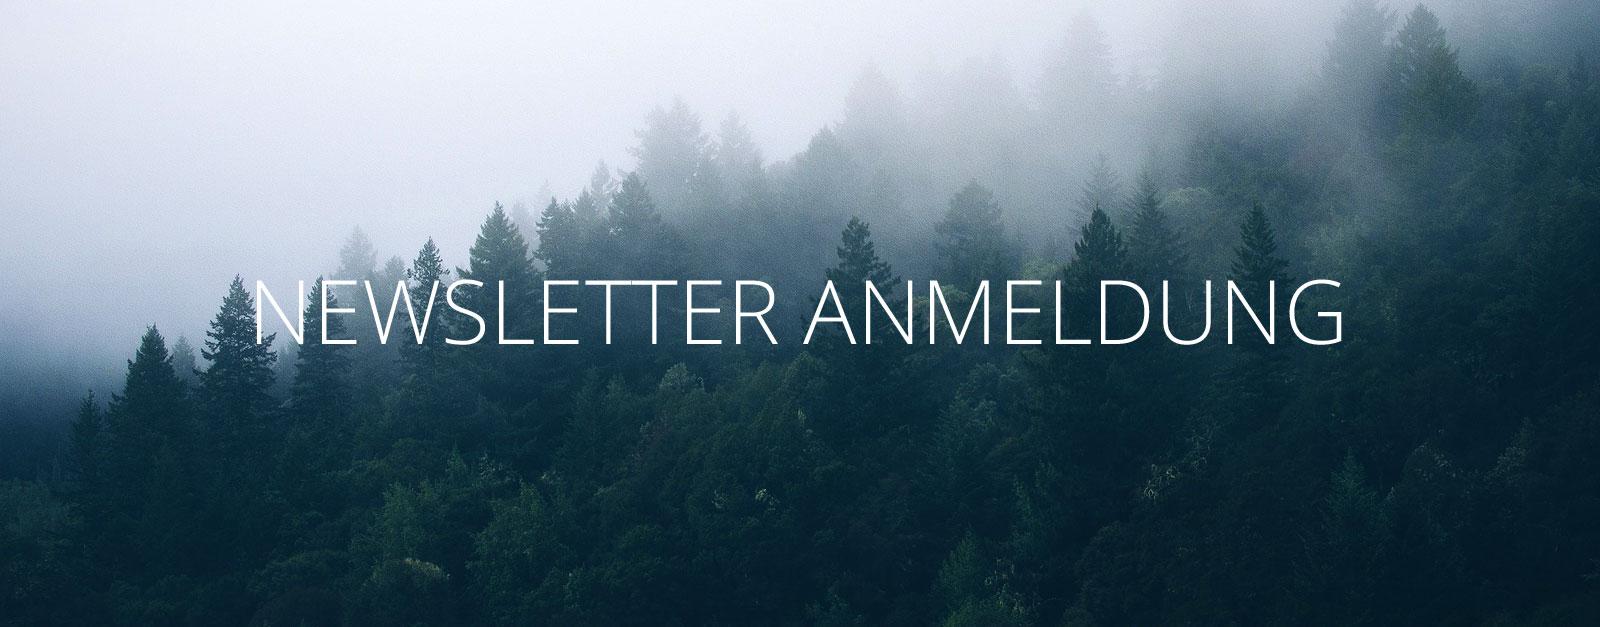 Newsletter-anmeldng-banner-kommabei-min